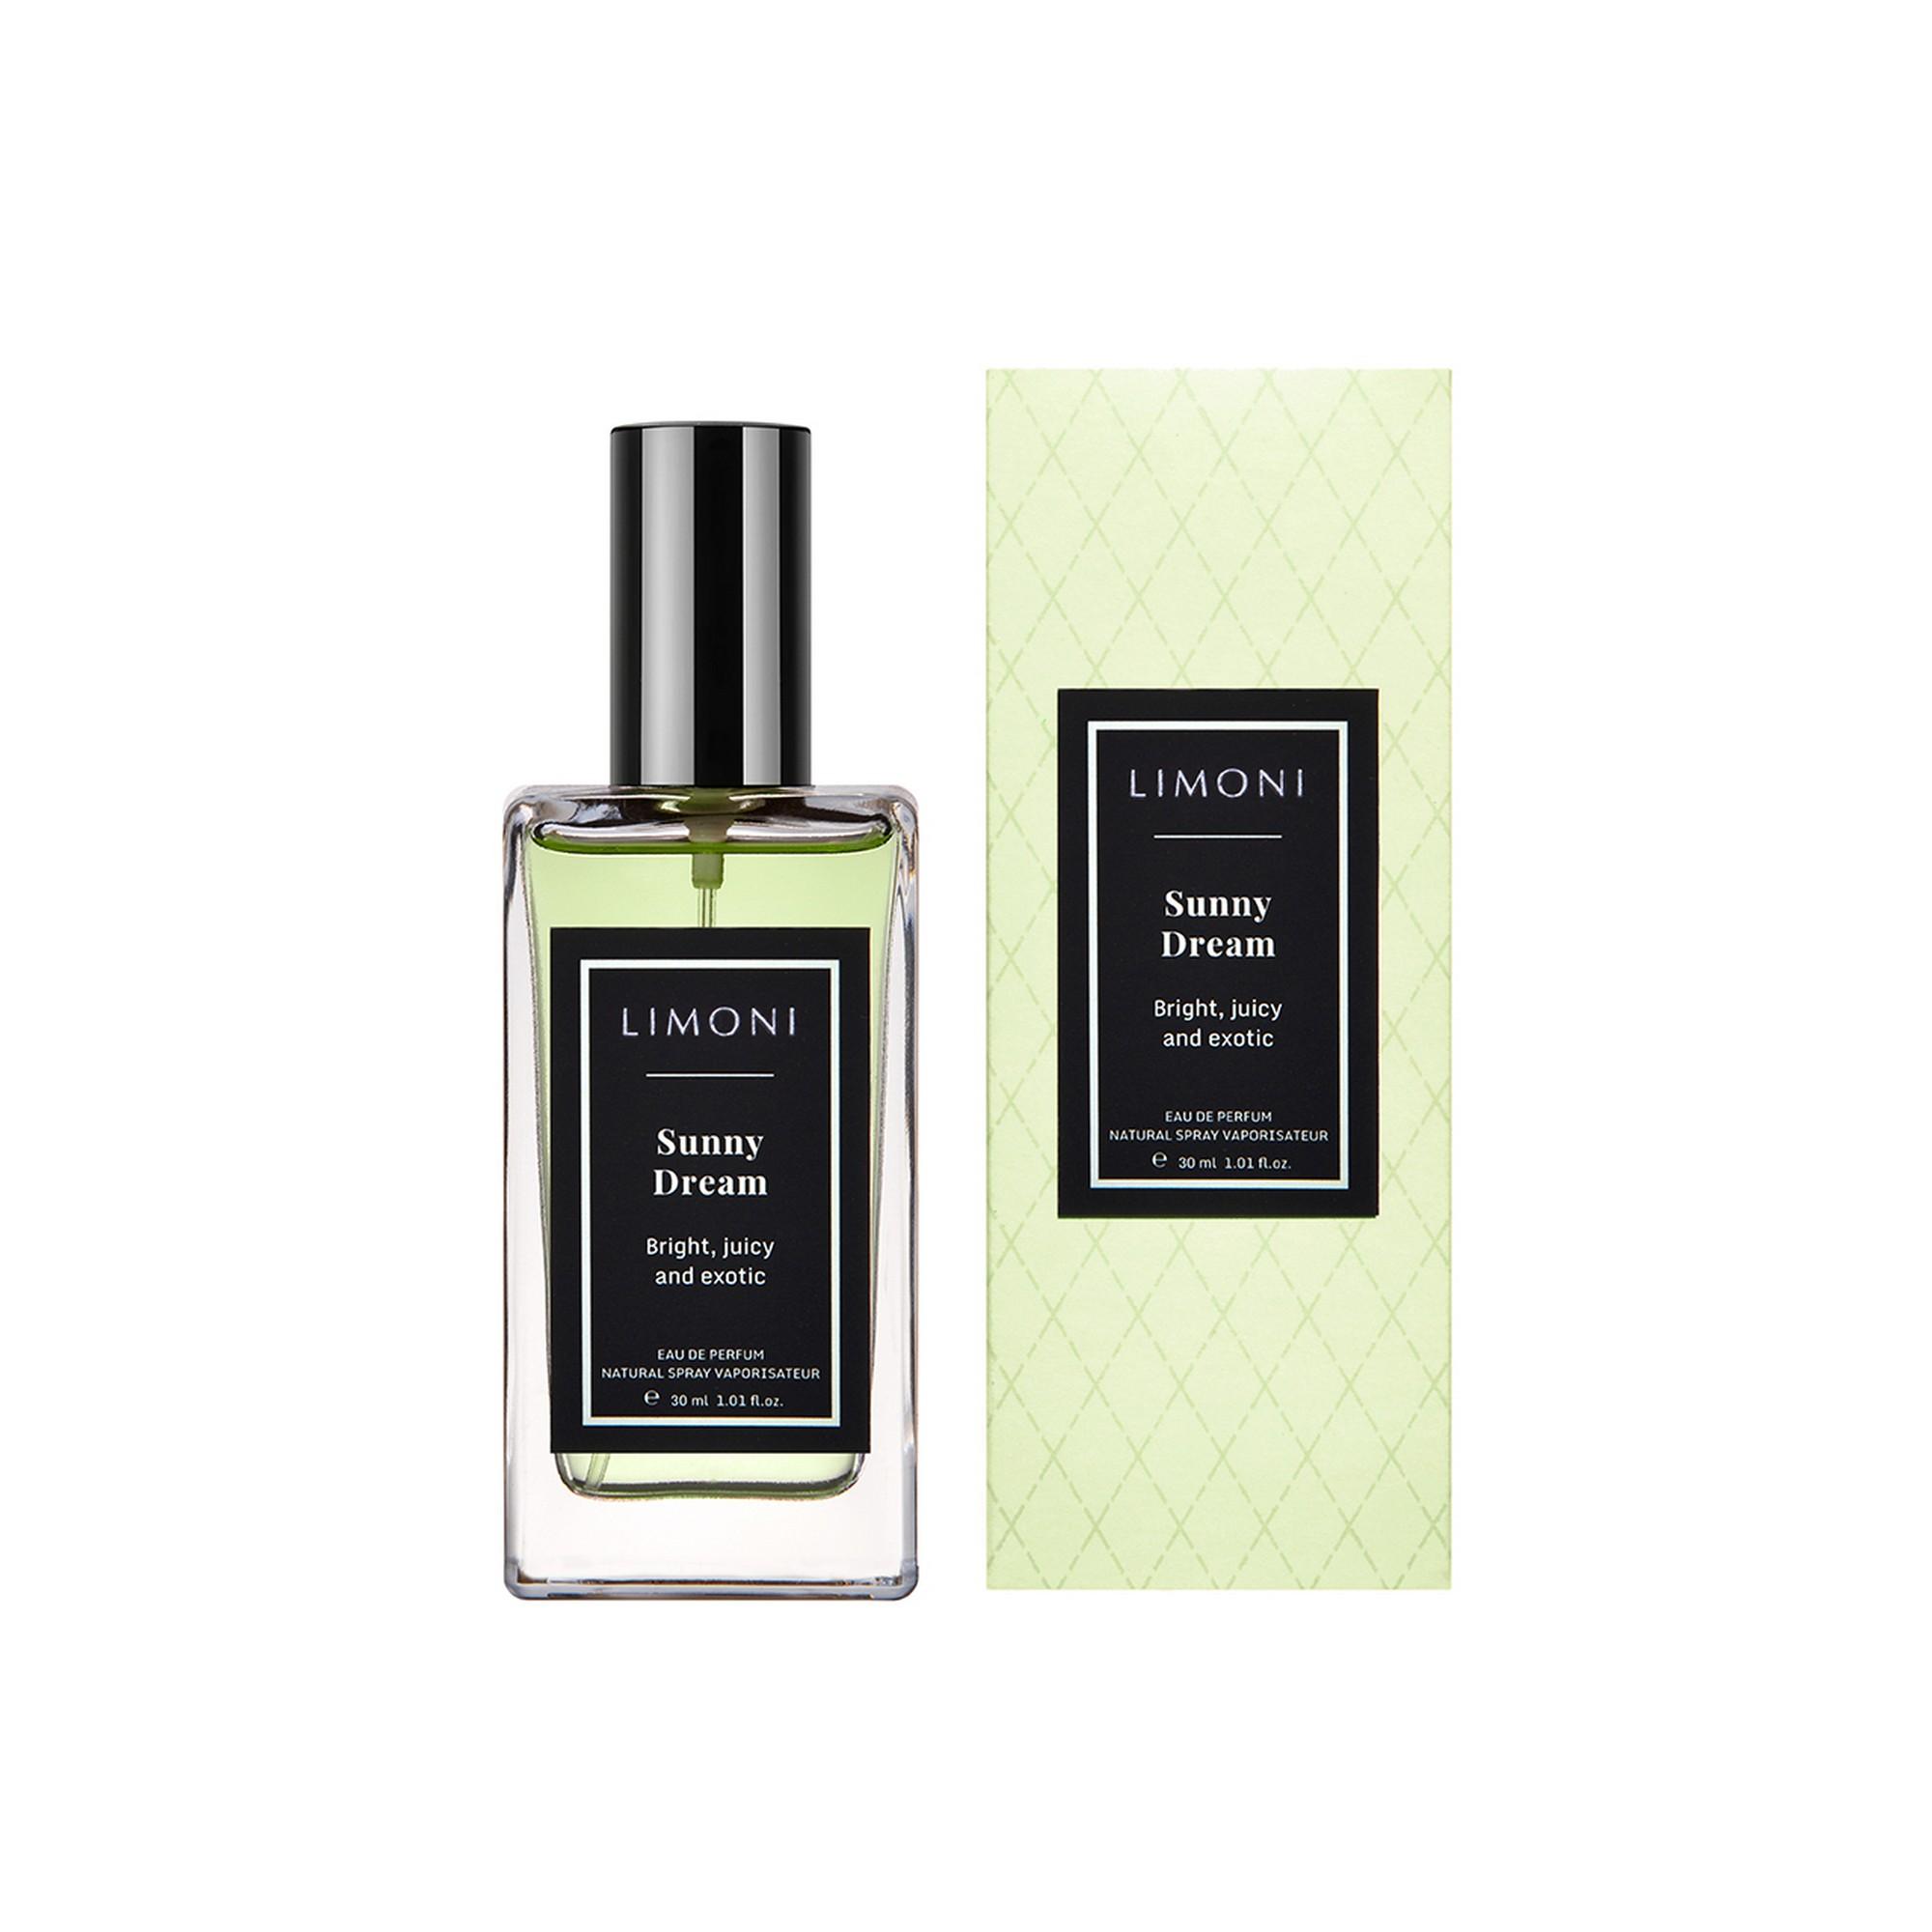 LIMONI Вода парфюмерная / Sunny Dream Eau de Parfum 30 мл